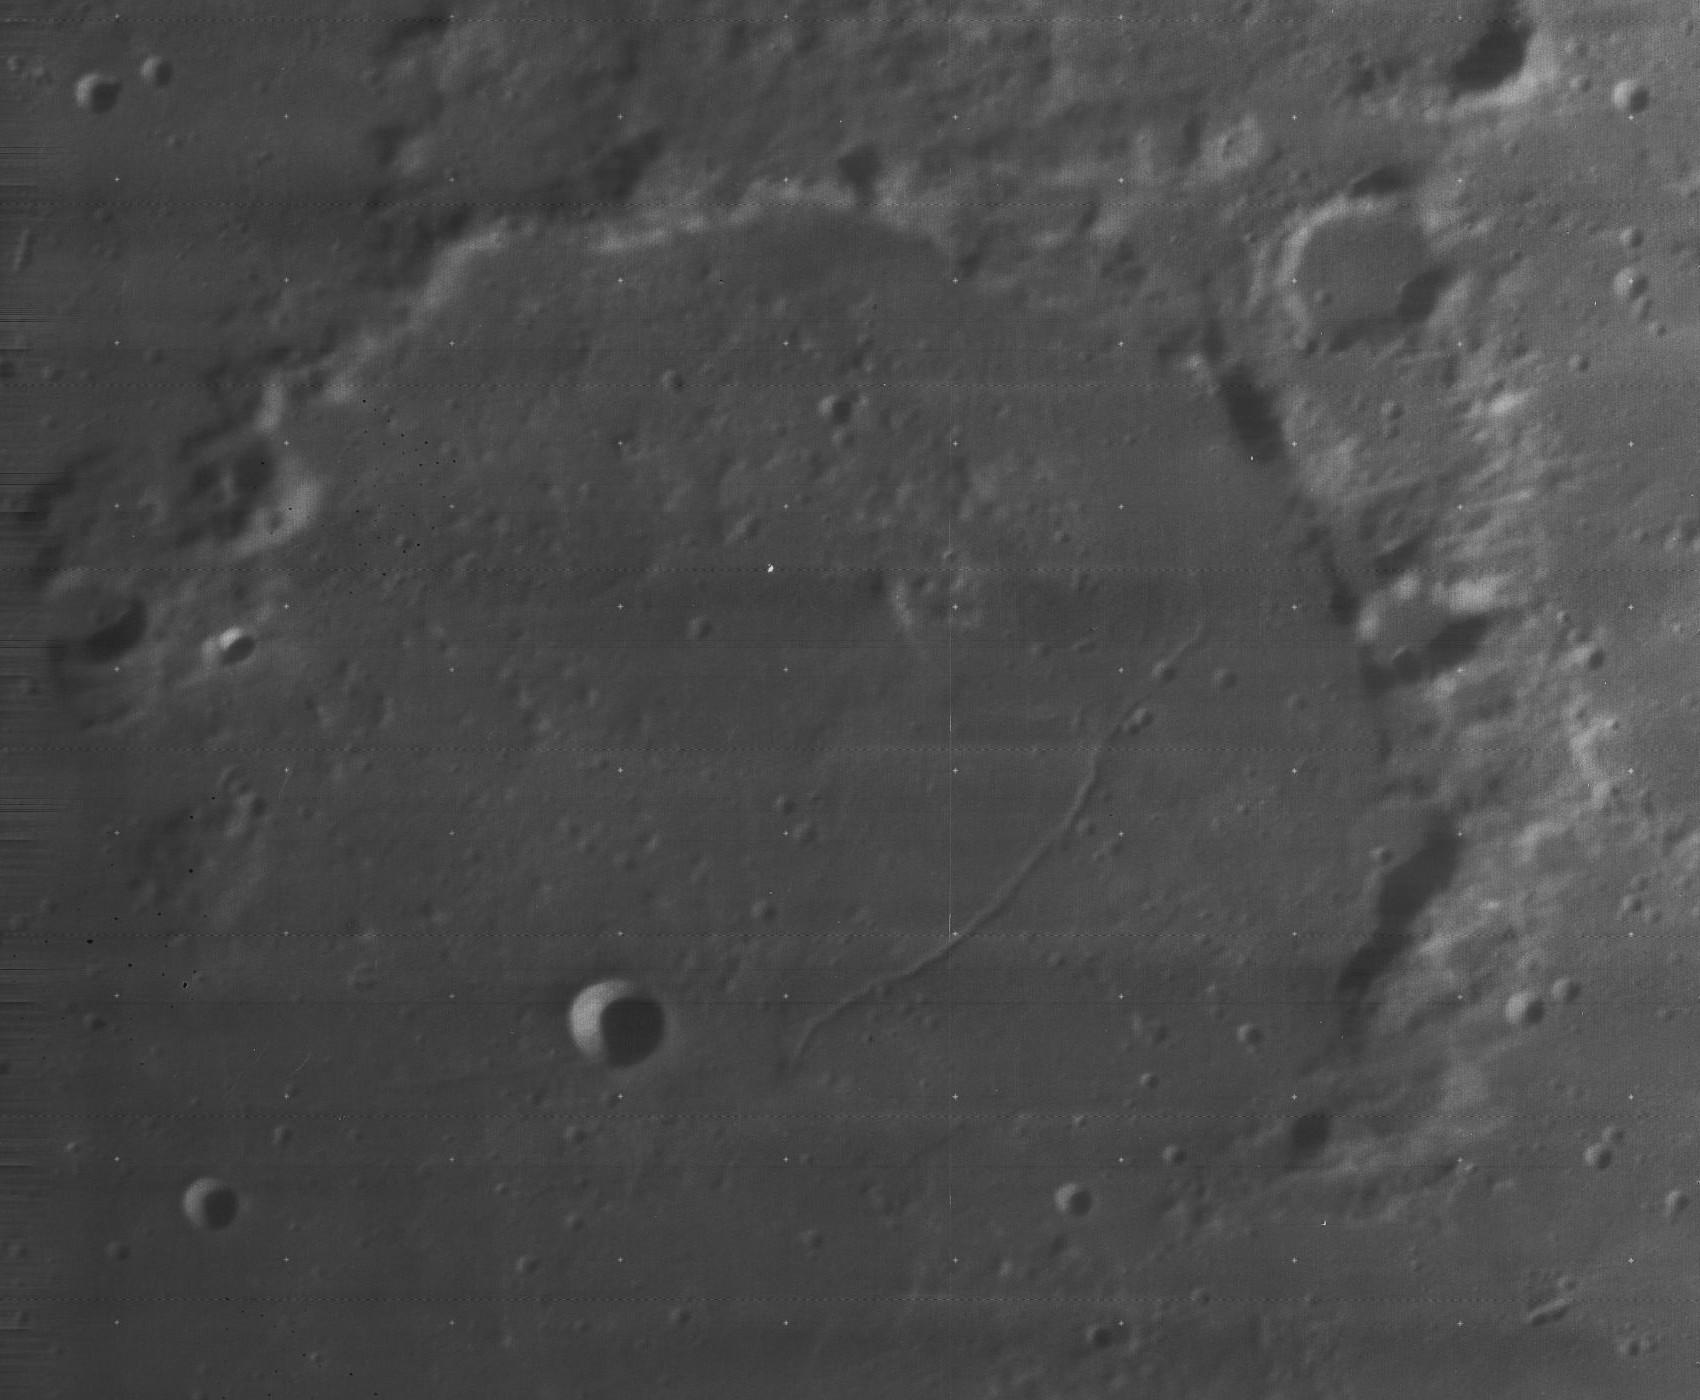 Cratère Gartner - Image Lunar Orbiter 4